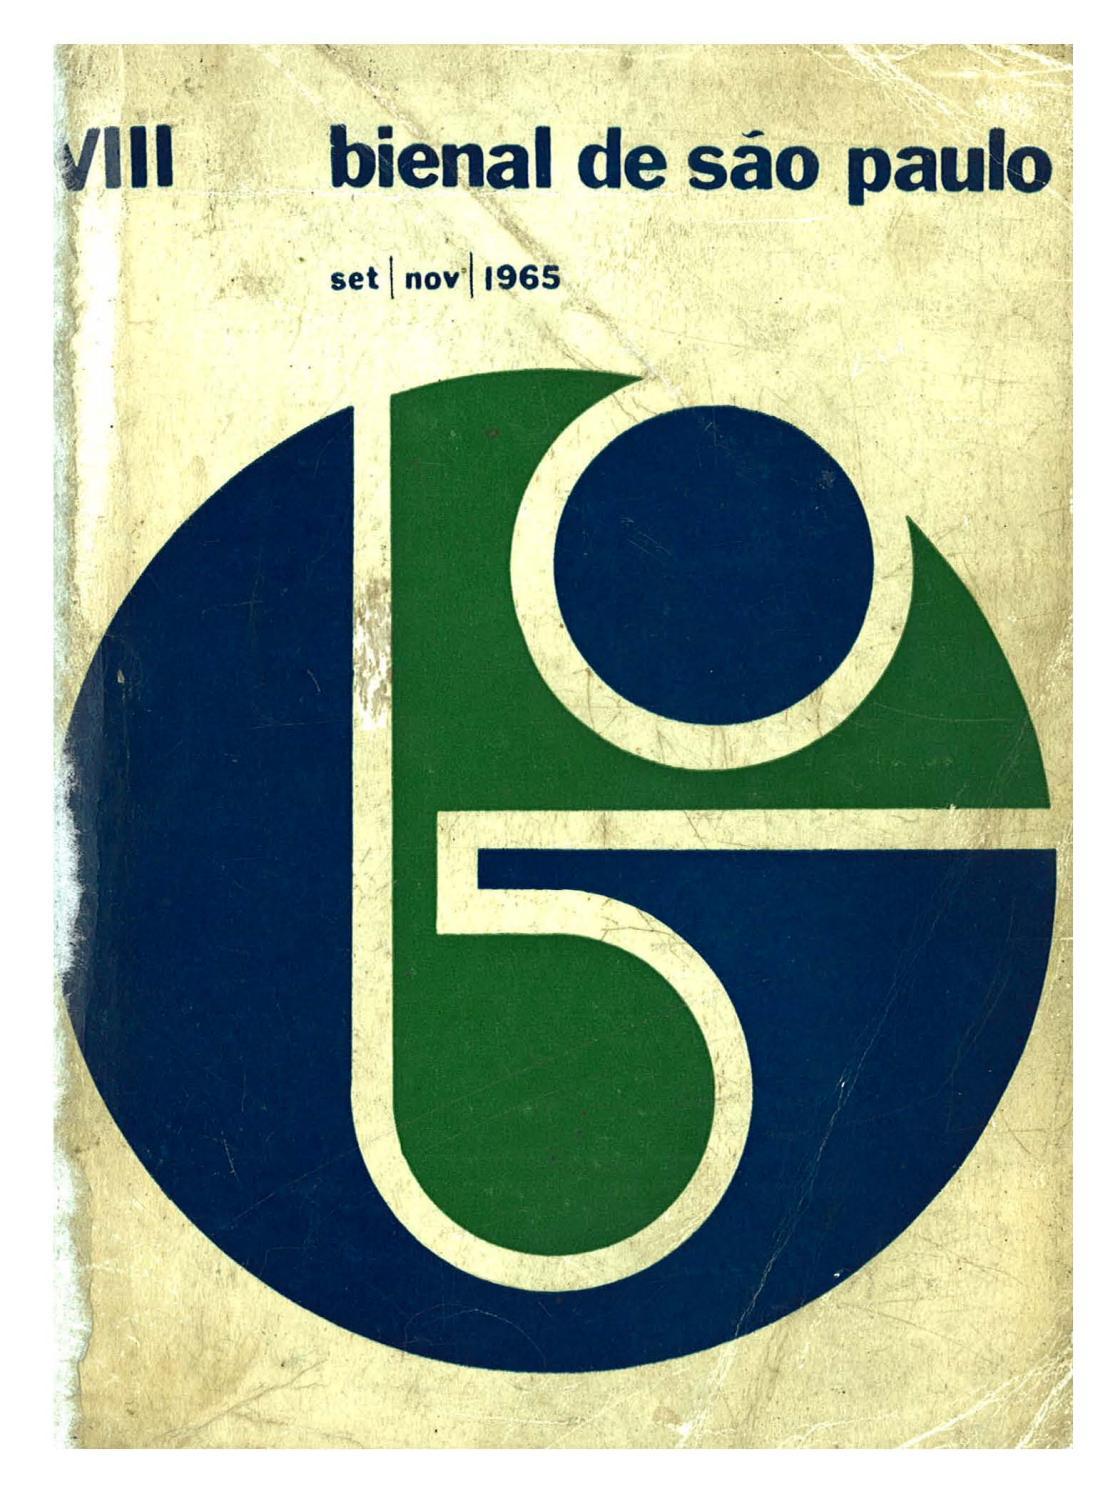 8ª Bienal de São Paulo (1965) - Catálogo by Bienal São Paulo - issuu b9c8606f48fba